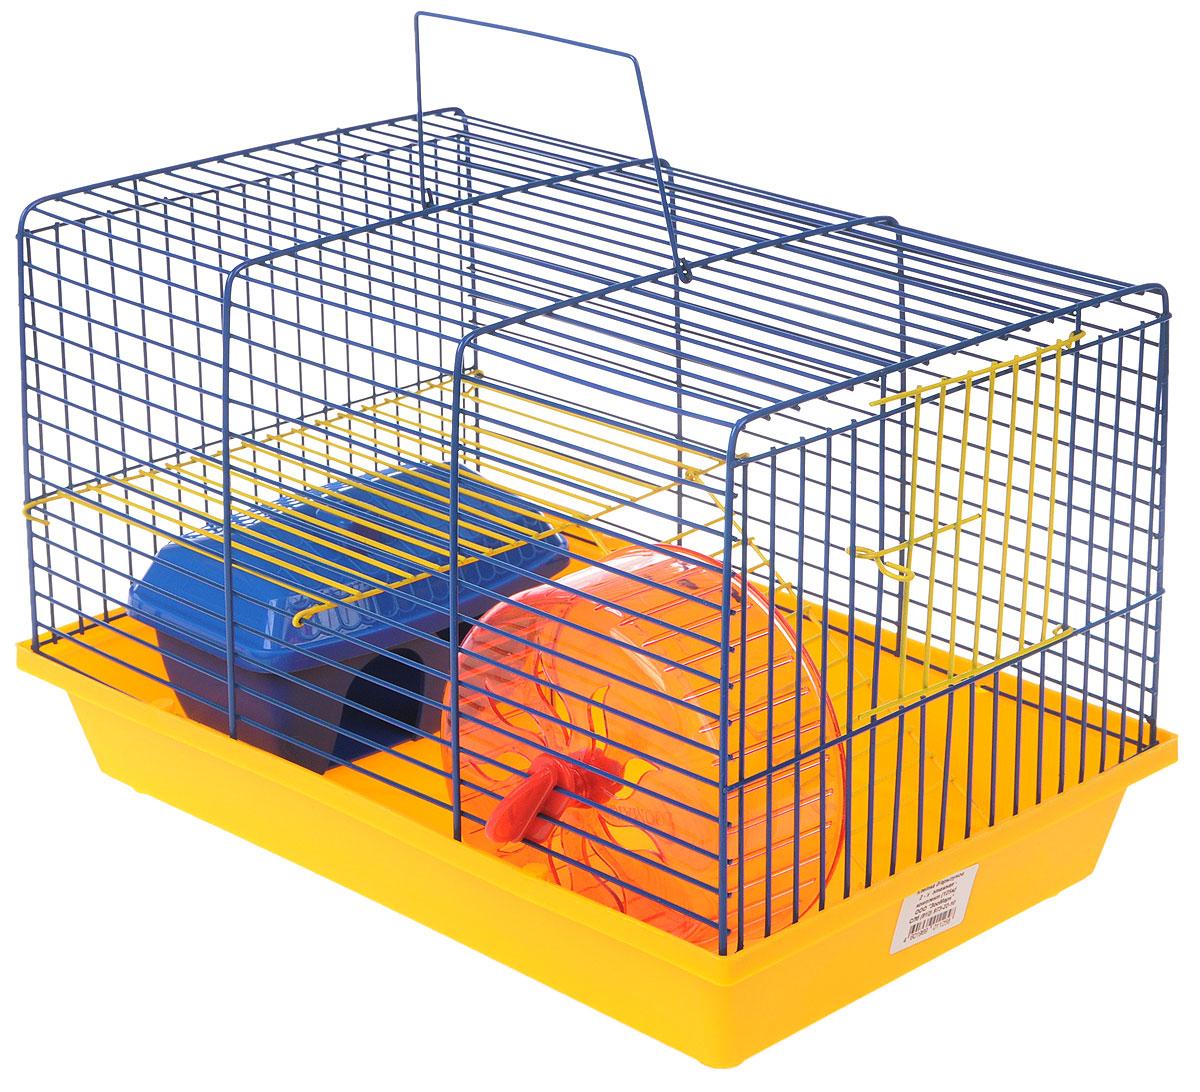 Клетка для грызунов ЗооМарк, 2-этажная, цвет: желтый поддон, синяя решетка, желтый этаж, 36 х 22 х 24 см0120710Клетка ЗооМарк, выполненная из полипропилена и металла, подходит для мелких грызунов. Изделие двухэтажное, оборудовано колесом для подвижных игр и пластиковым домиком. Клетка имеет яркий поддон, удобна в использовании и легко чистится. Сверху имеется ручка для переноски, а сбоку удобная дверца. Такая клетка станет уединенным личным пространством и уютным домиком для маленького грызуна.